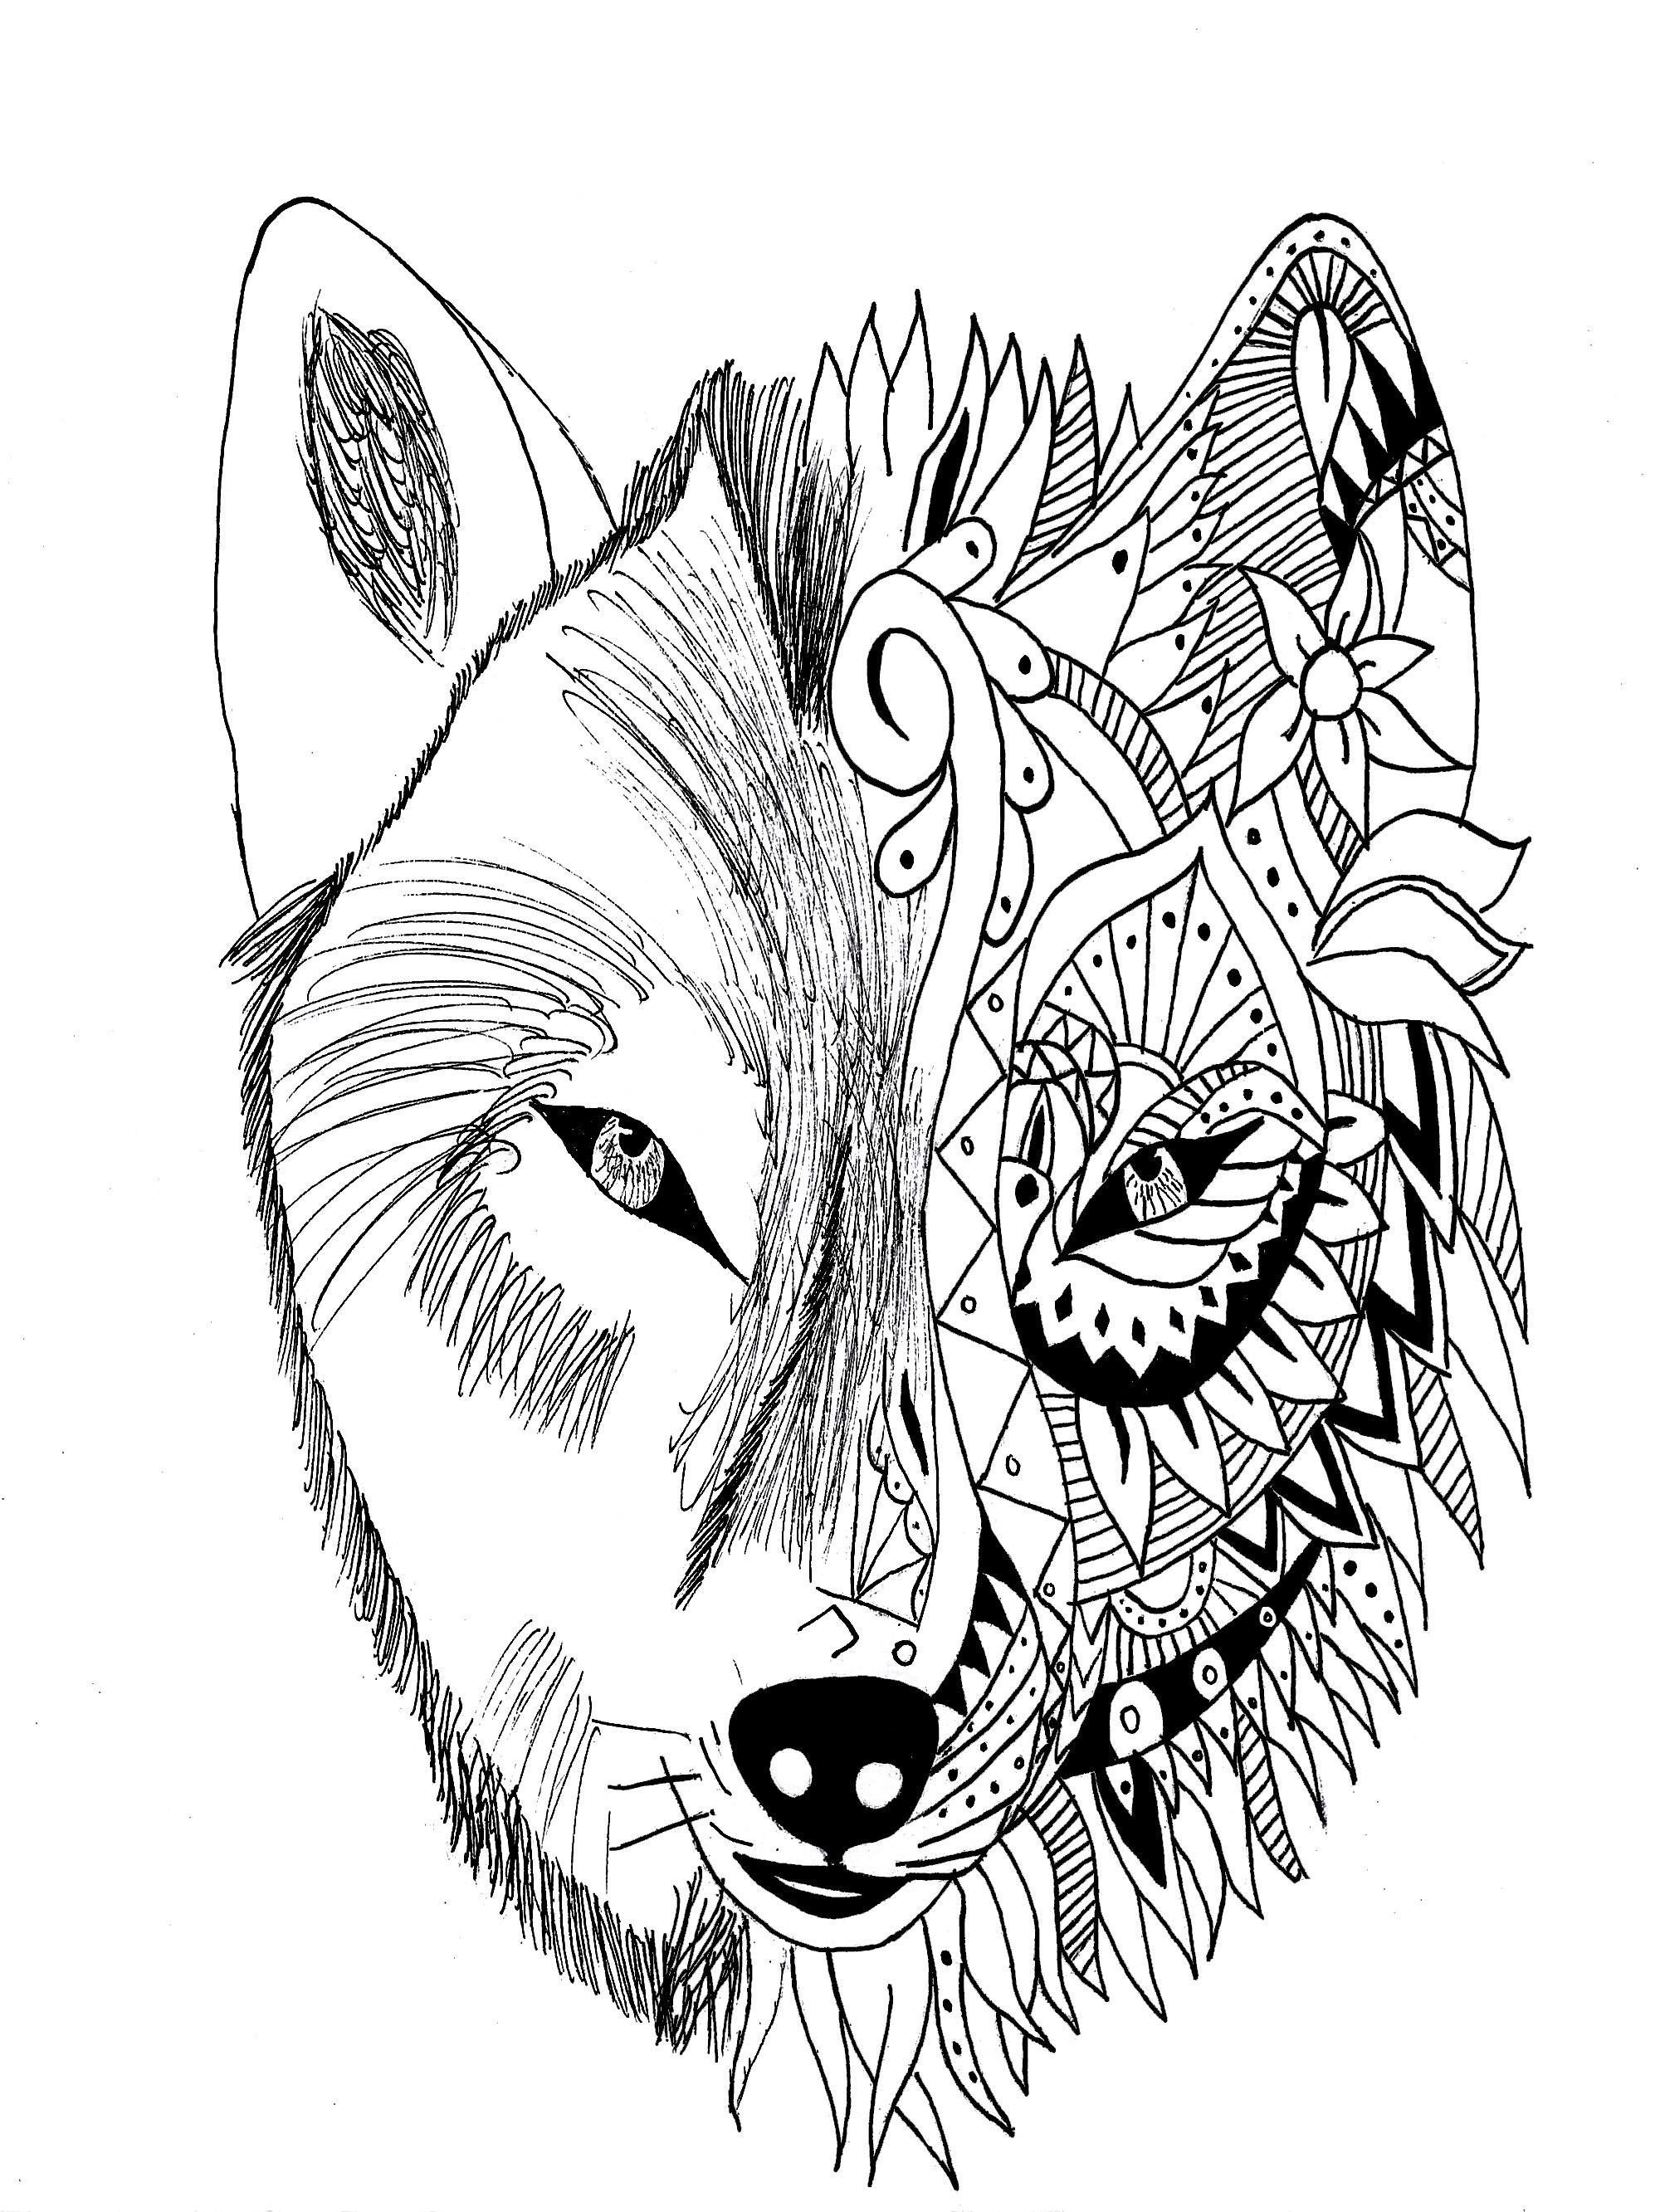 Fabuleux Tatouage loup krissy | Krissy - Coloriages difficiles pour adultes  SV41